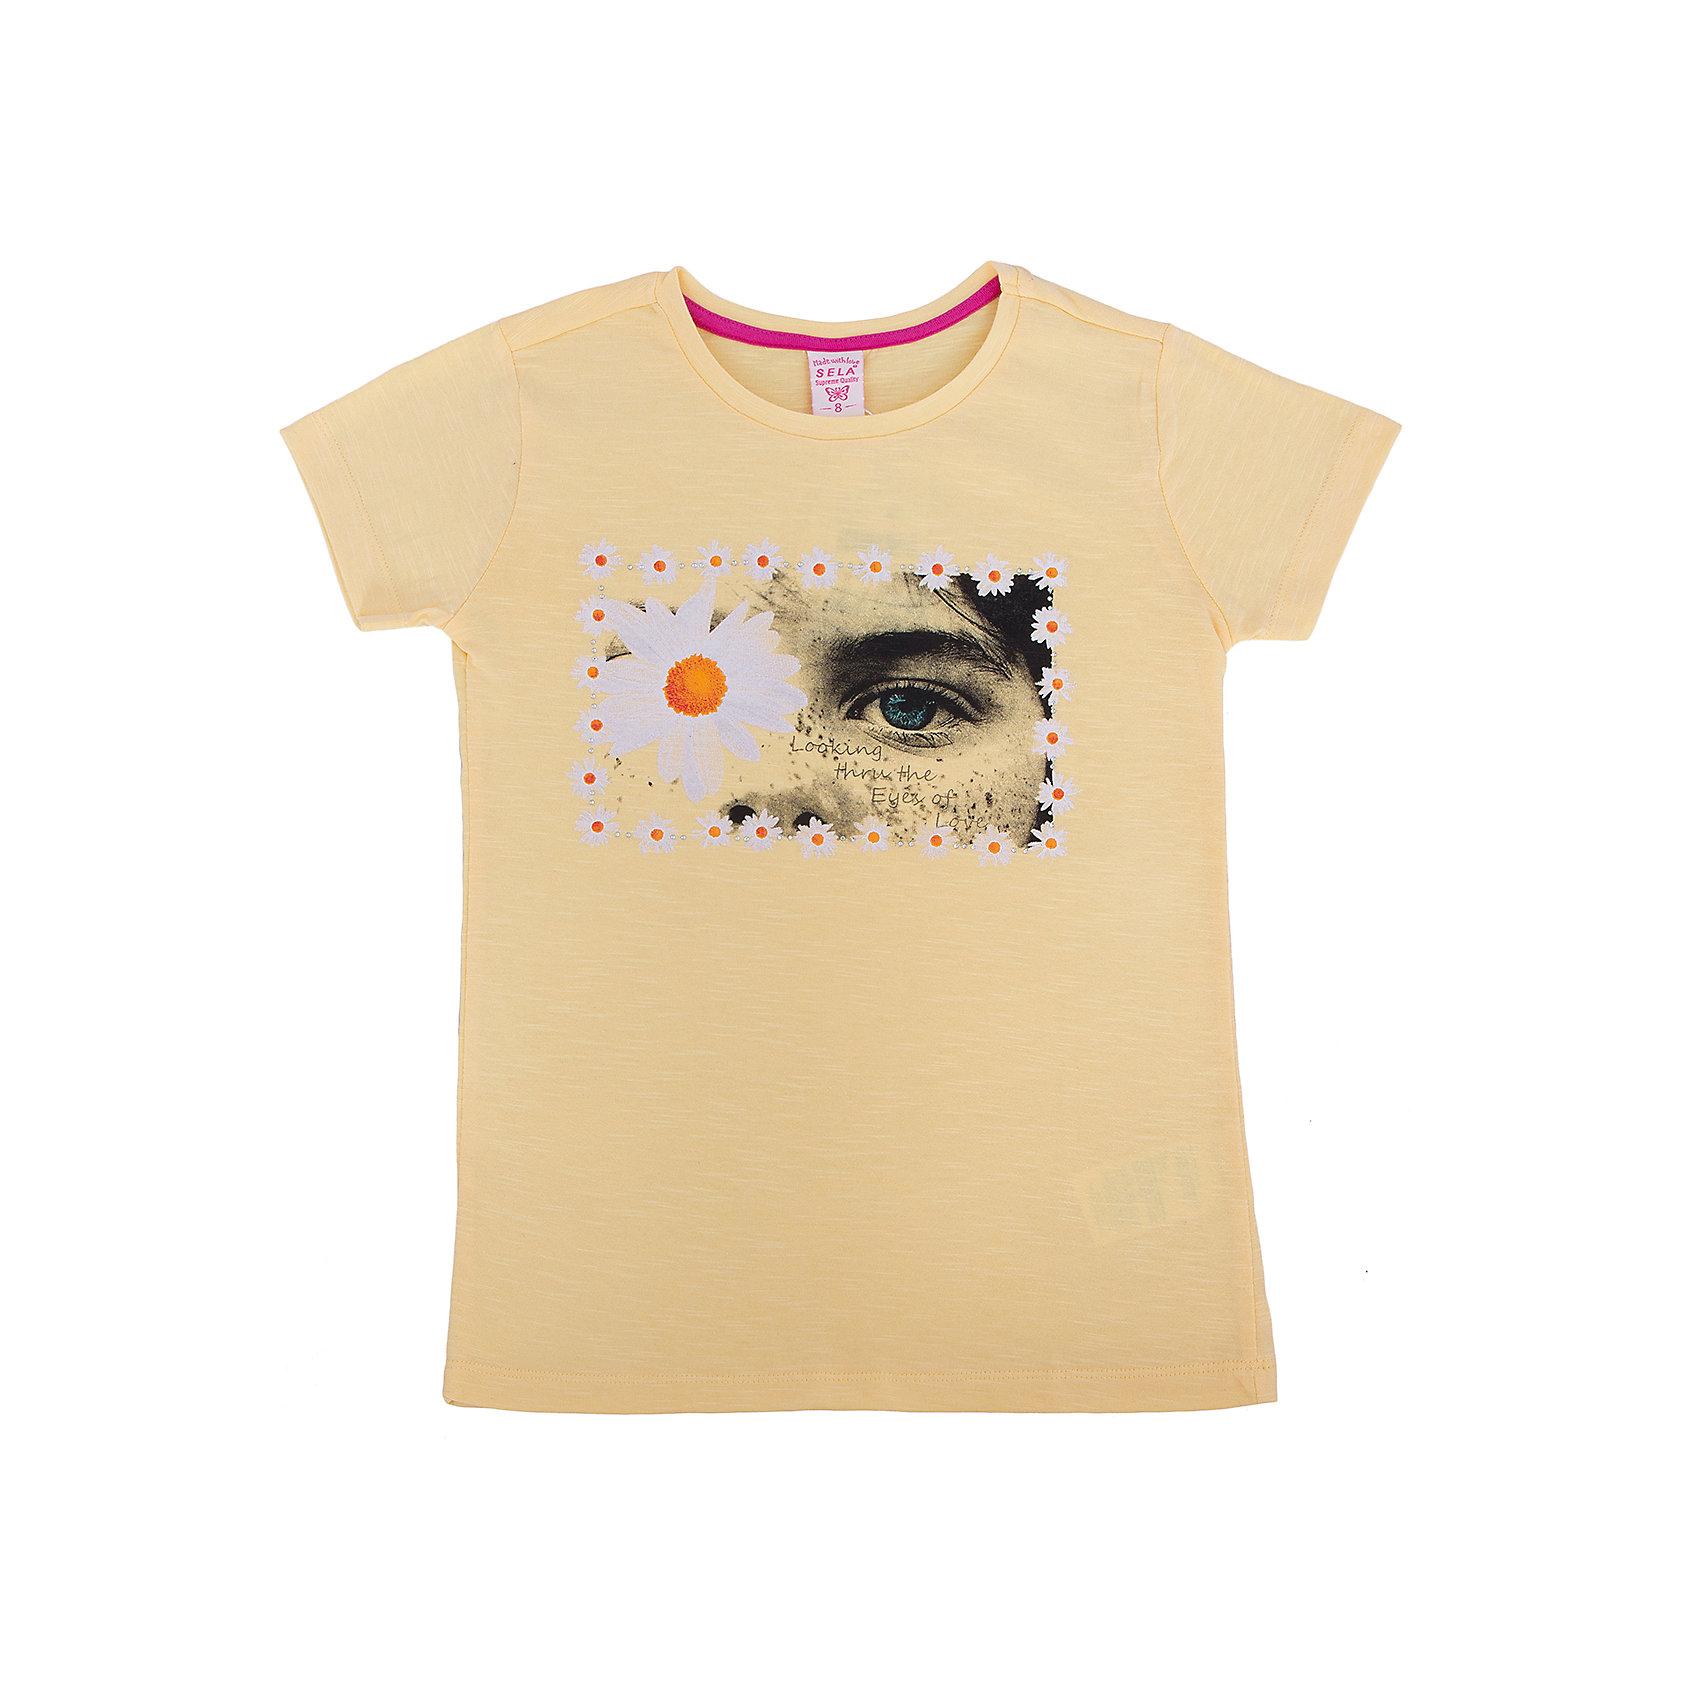 Футболка для девочки SELAМодная футболка для девочки от популярного бренда SELA. Изделие выполнено из натурального гипоаллергенного трикотажа, очень мягкого, дышащего и приятного к телу, и обладает следующими особенностями:<br>- желтый цвет, эффектный принт на груди;<br>- эластичная отделка горловины;<br>- комфортный крой, гарантирующий свободу движений;<br>- базовая модель.<br>Великолепный выбор для активного лета!<br><br>Дополнительная информация:<br>- состав: 100% хлопок<br>- цвет: желтый + принт<br><br>Футболку для девочки SELA (СЕЛА) можно купить в нашем магазине<br><br>Ширина мм: 230<br>Глубина мм: 40<br>Высота мм: 220<br>Вес г: 250<br>Цвет: желтый<br>Возраст от месяцев: 132<br>Возраст до месяцев: 144<br>Пол: Женский<br>Возраст: Детский<br>Размер: 152,122,116,128,134,140,146<br>SKU: 4741133